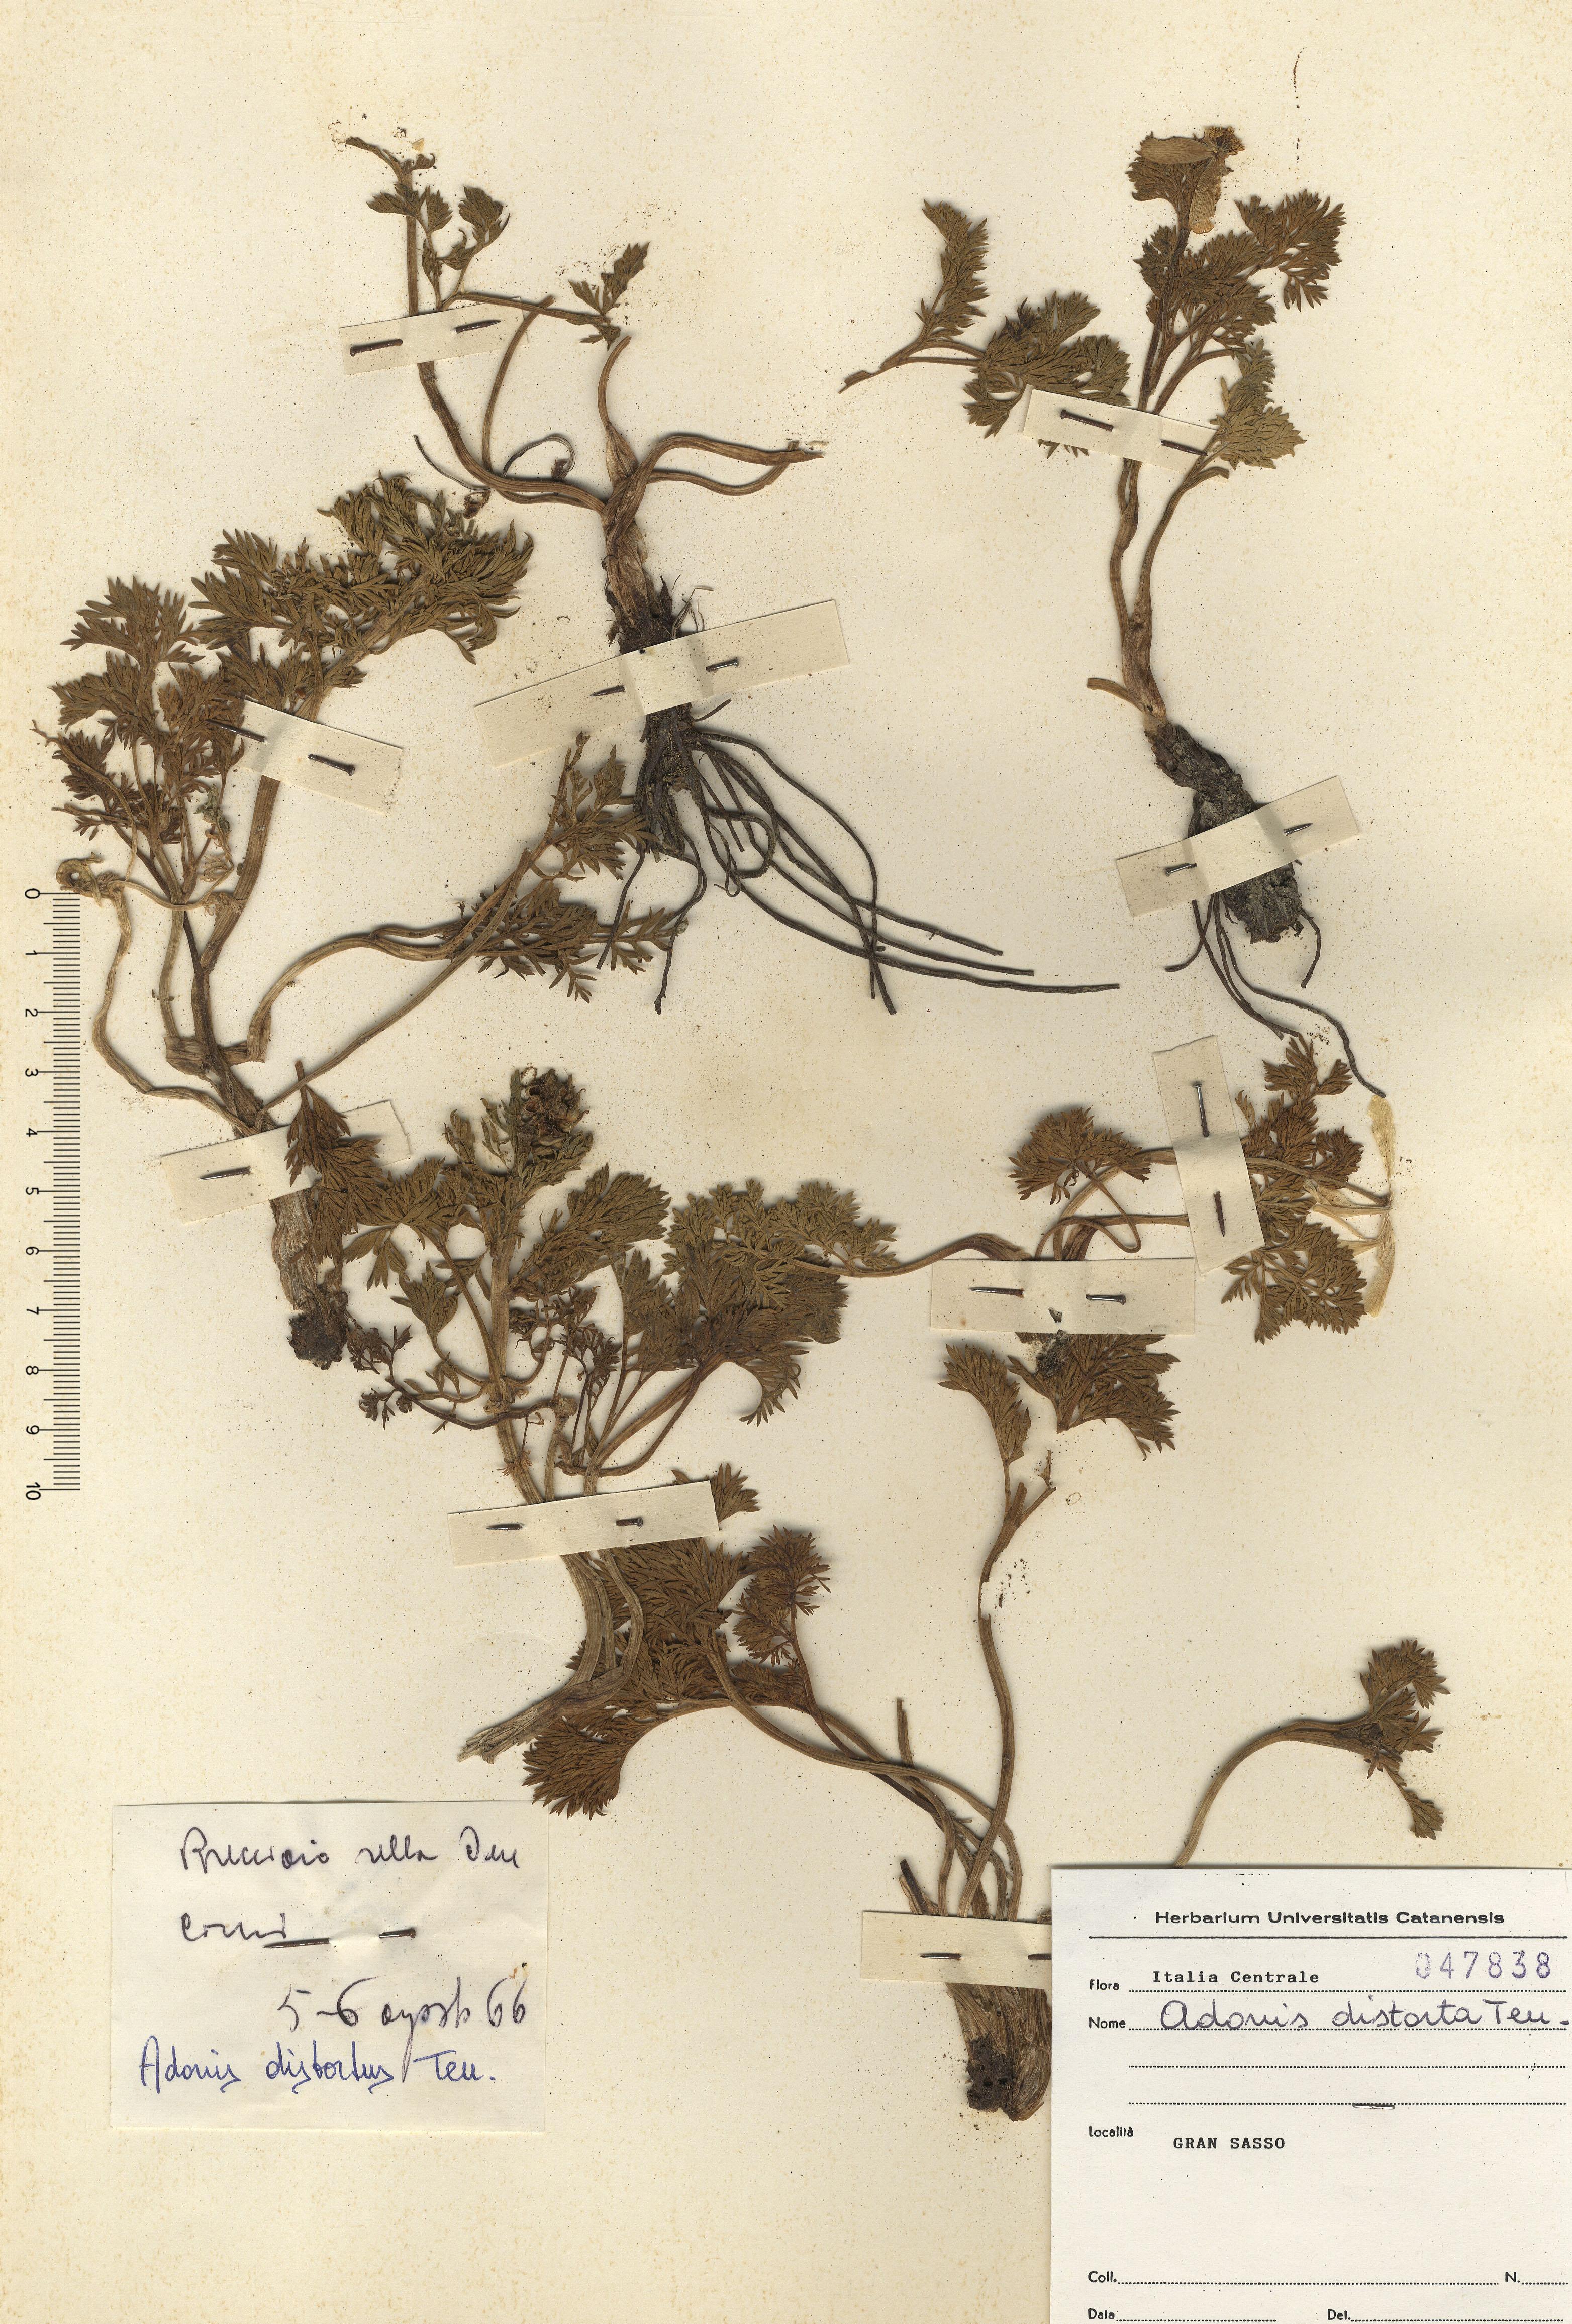 © Hortus Botanicus Catinensis - Herb. sheet 047383<br>